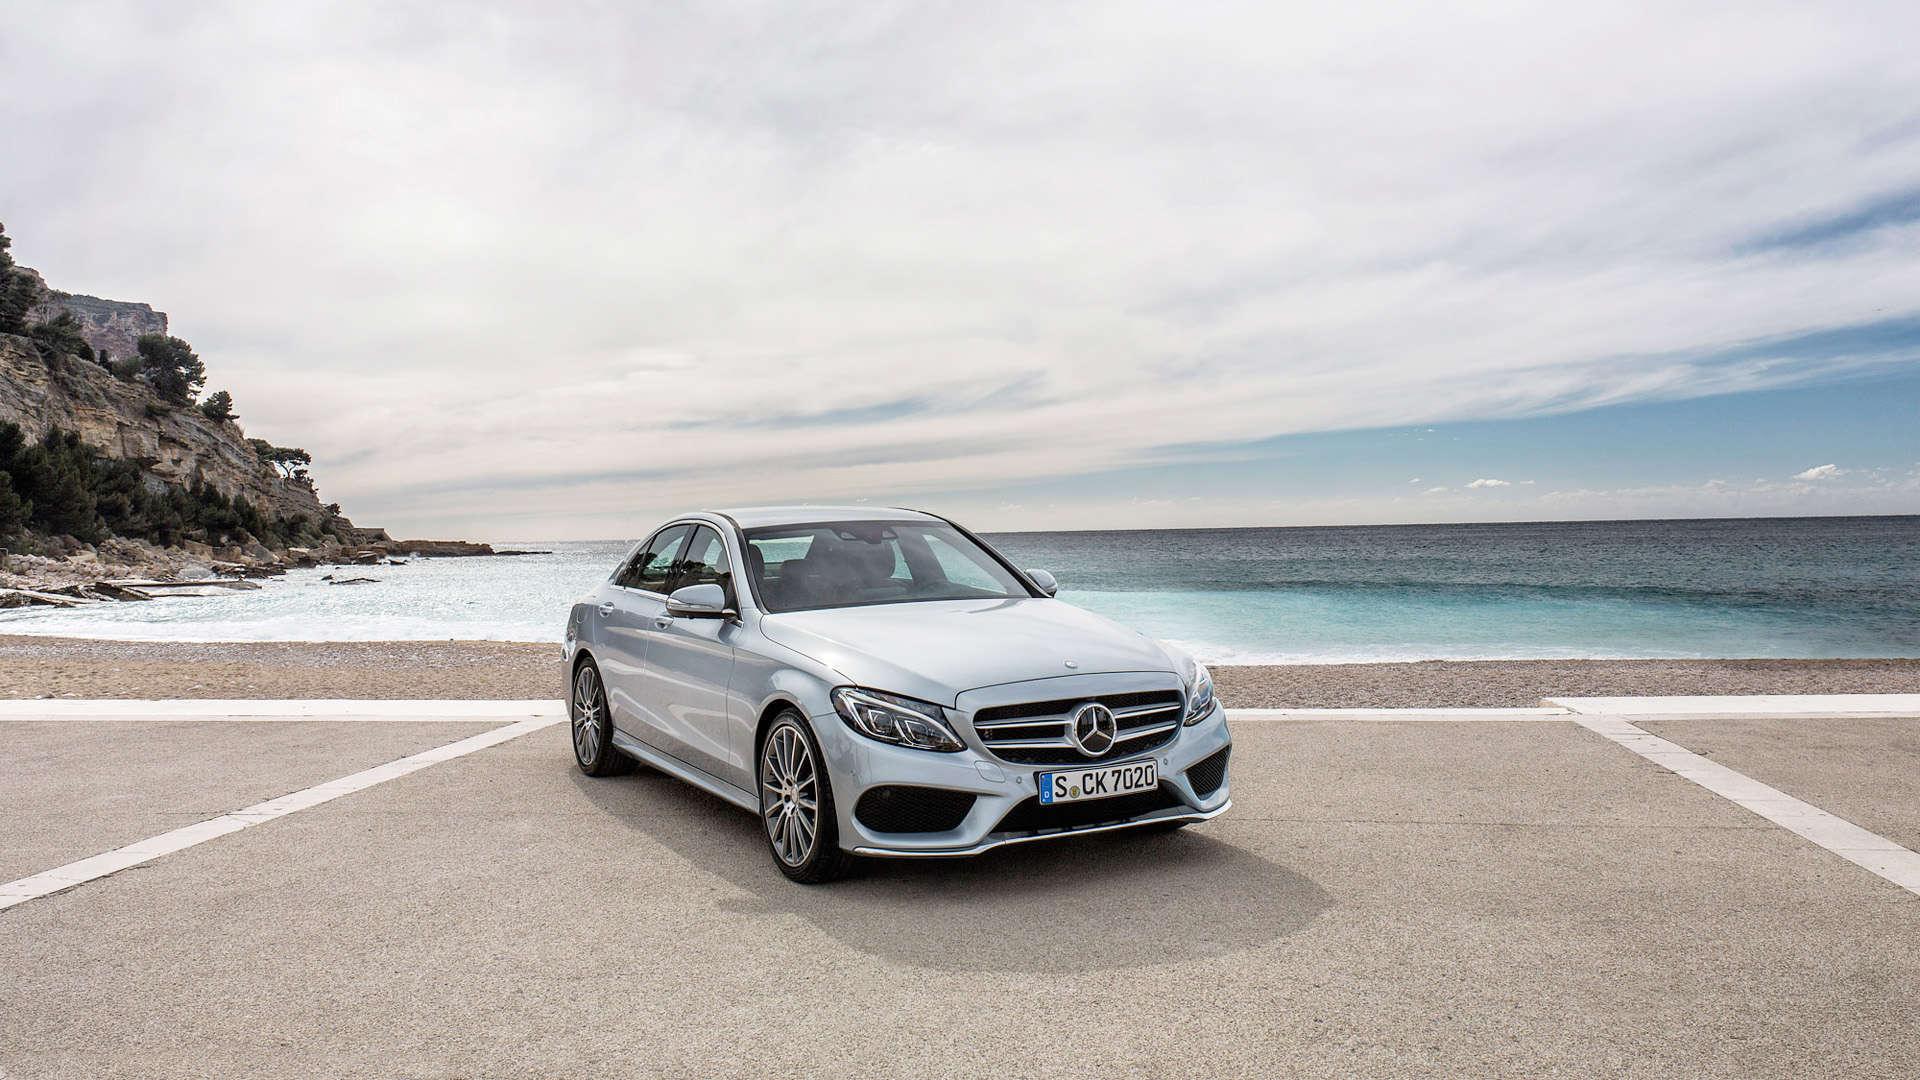 Hd wallpaper upload - Wallpaper 2015 Mercedes Benz C400 4matic Hd Wallpaper 1080p Upload